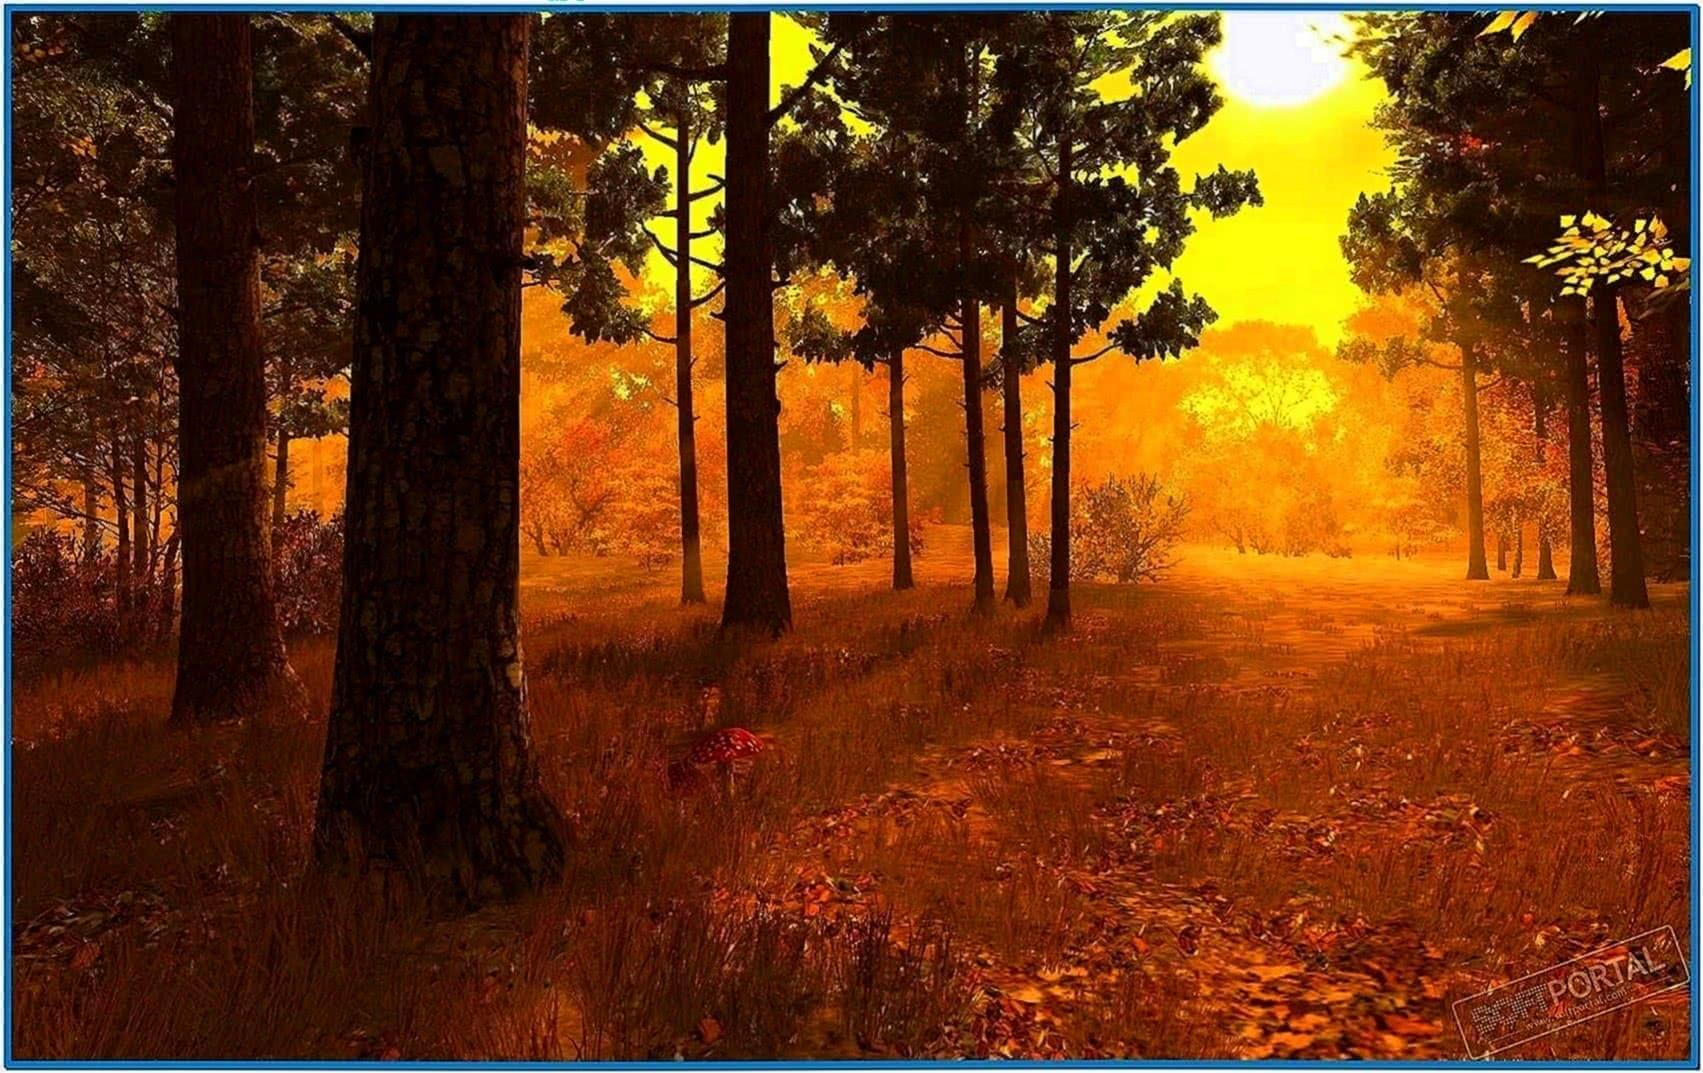 Autumn Forest 3D Screensaver